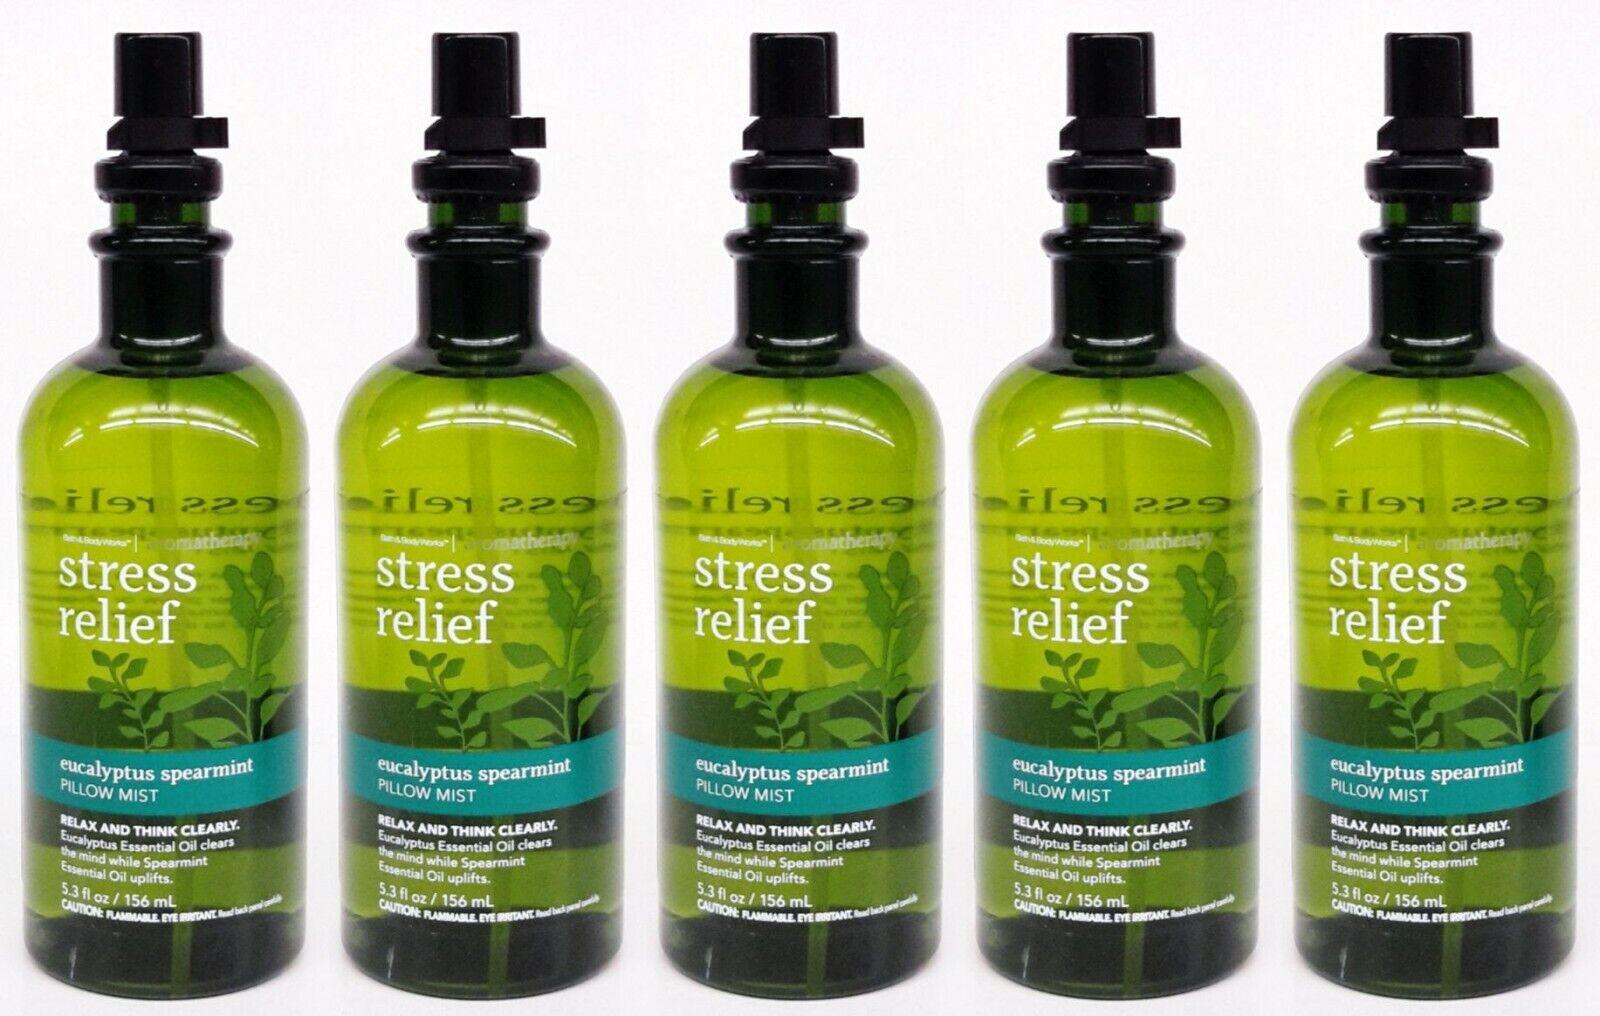 5 Bath Body Works STRESS RELIEF EUCALYPTUS SPEARMINT Pillow Mist Spray 5.3 oz